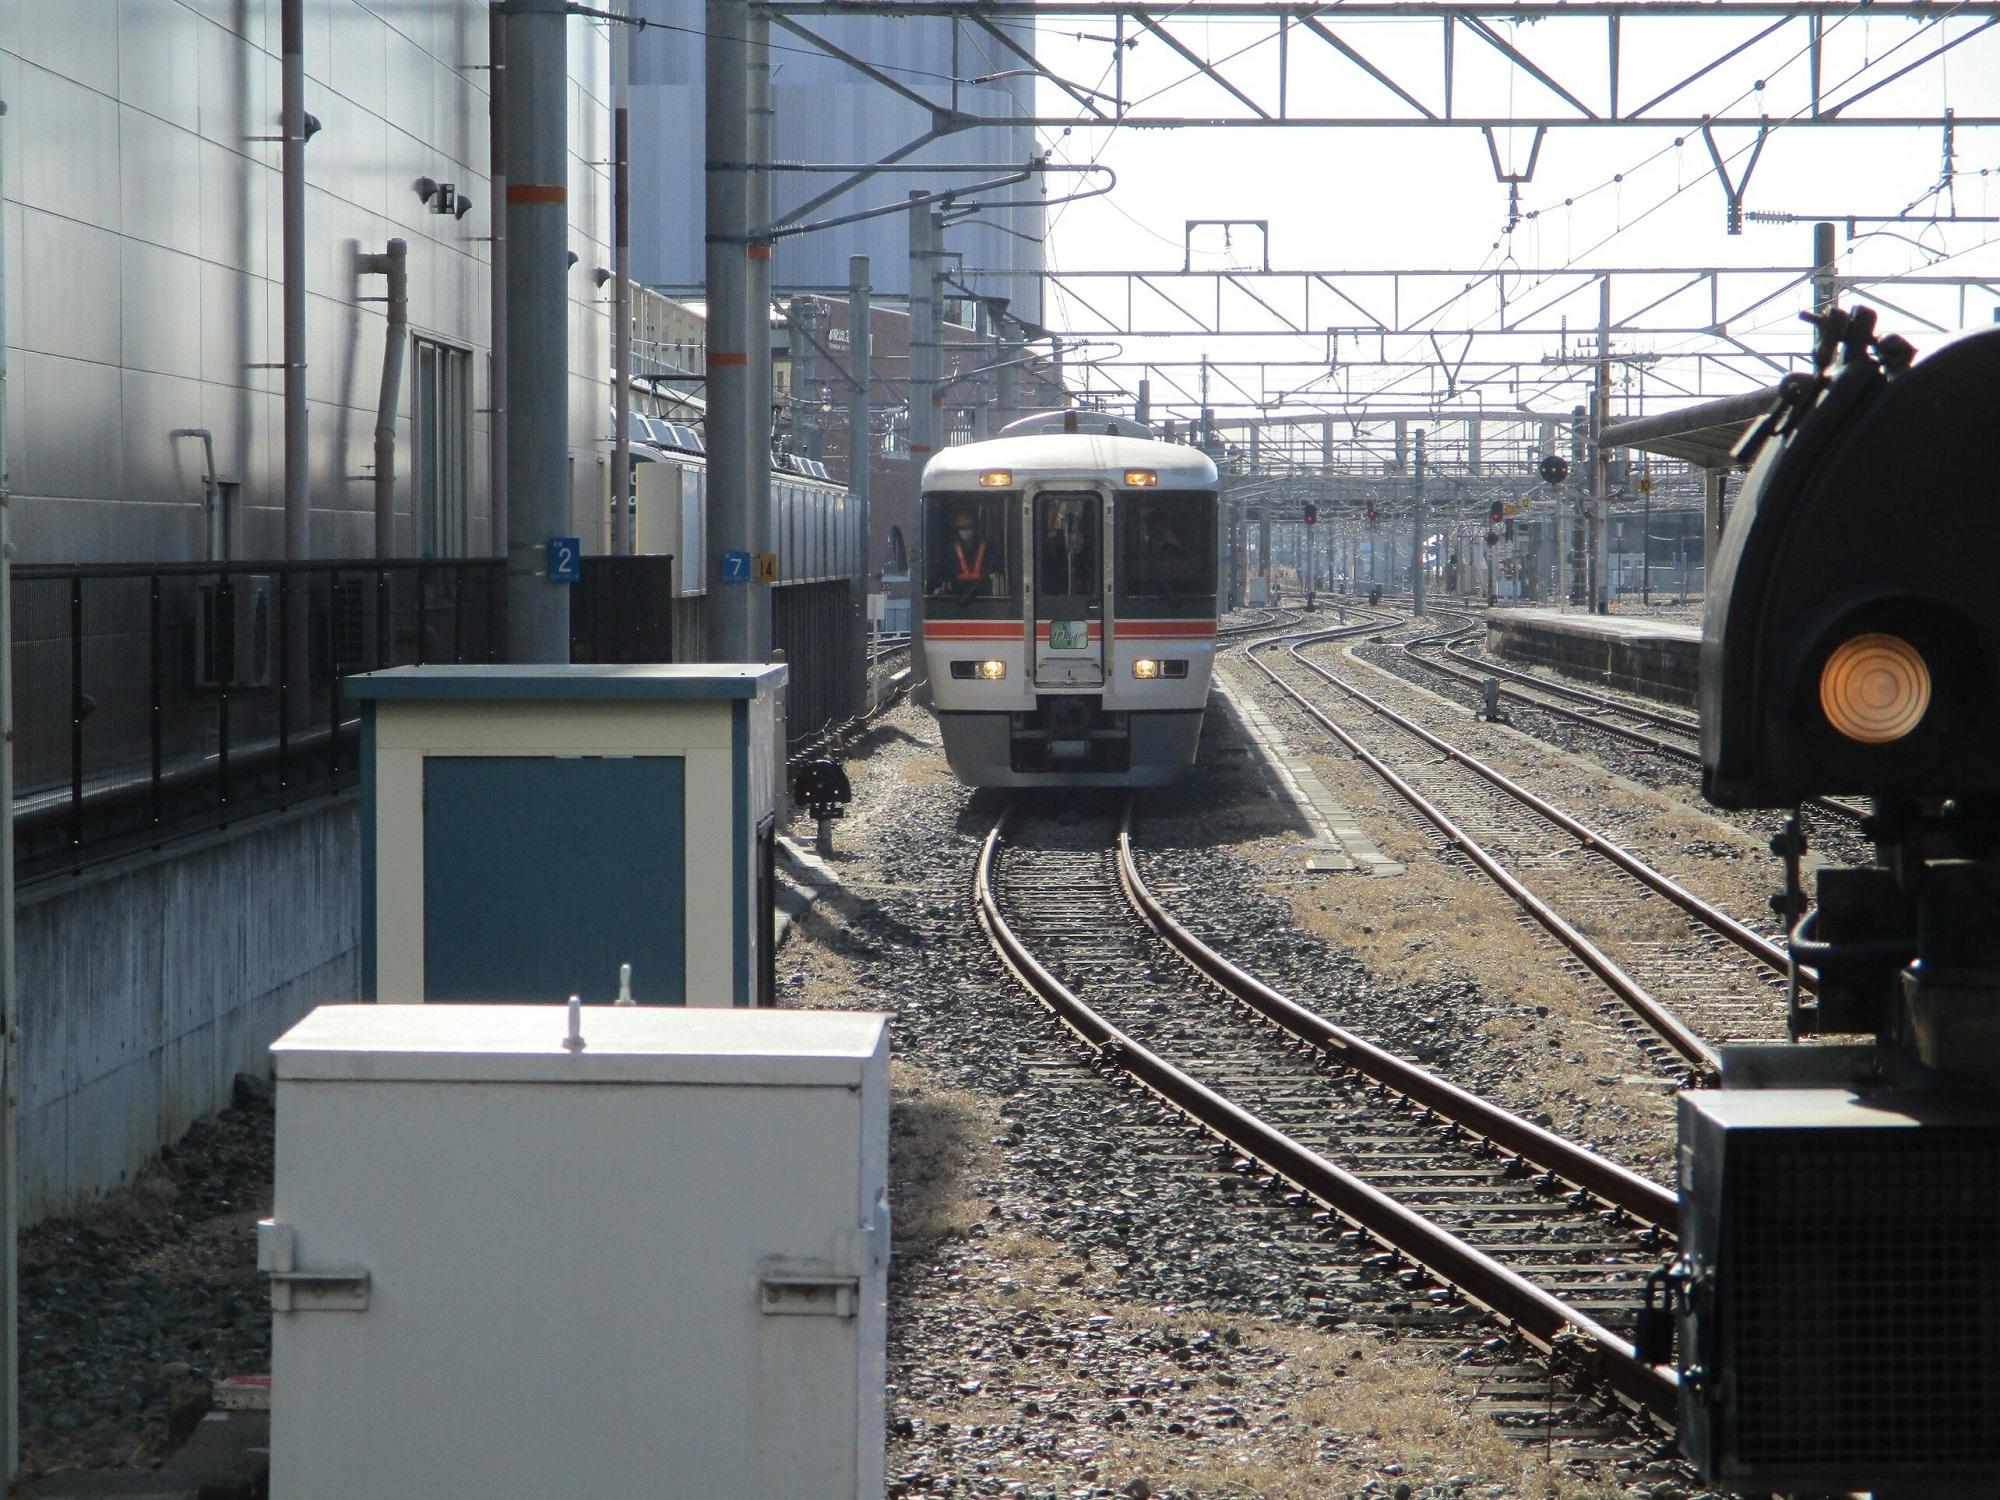 2019.1.24 (1) 豊橋 - 飯田いき特急伊那路 2000-1500